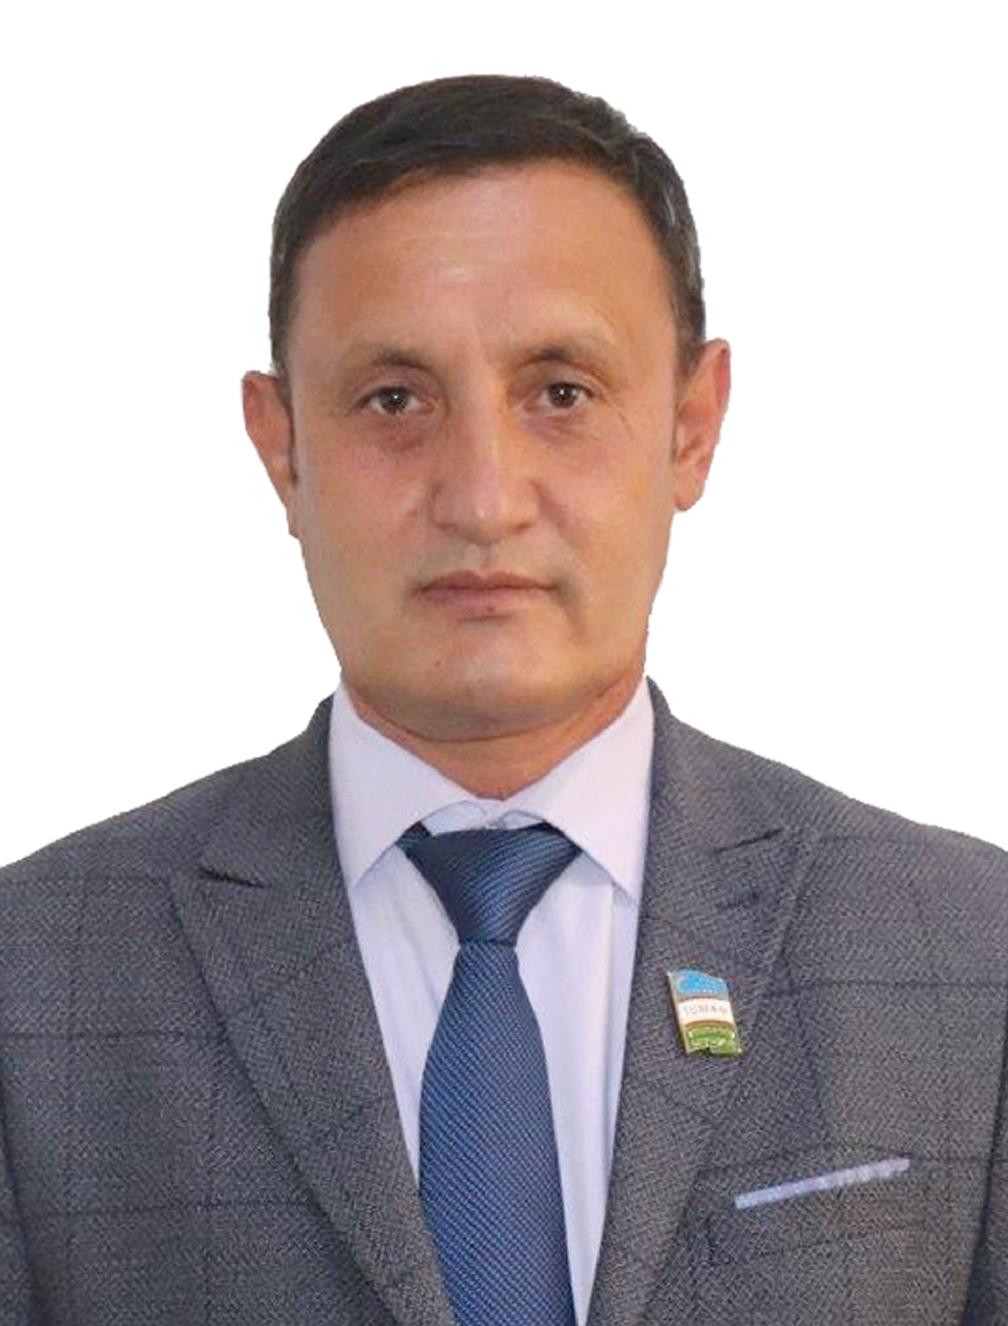 Ҳикматов Олим Акмалович